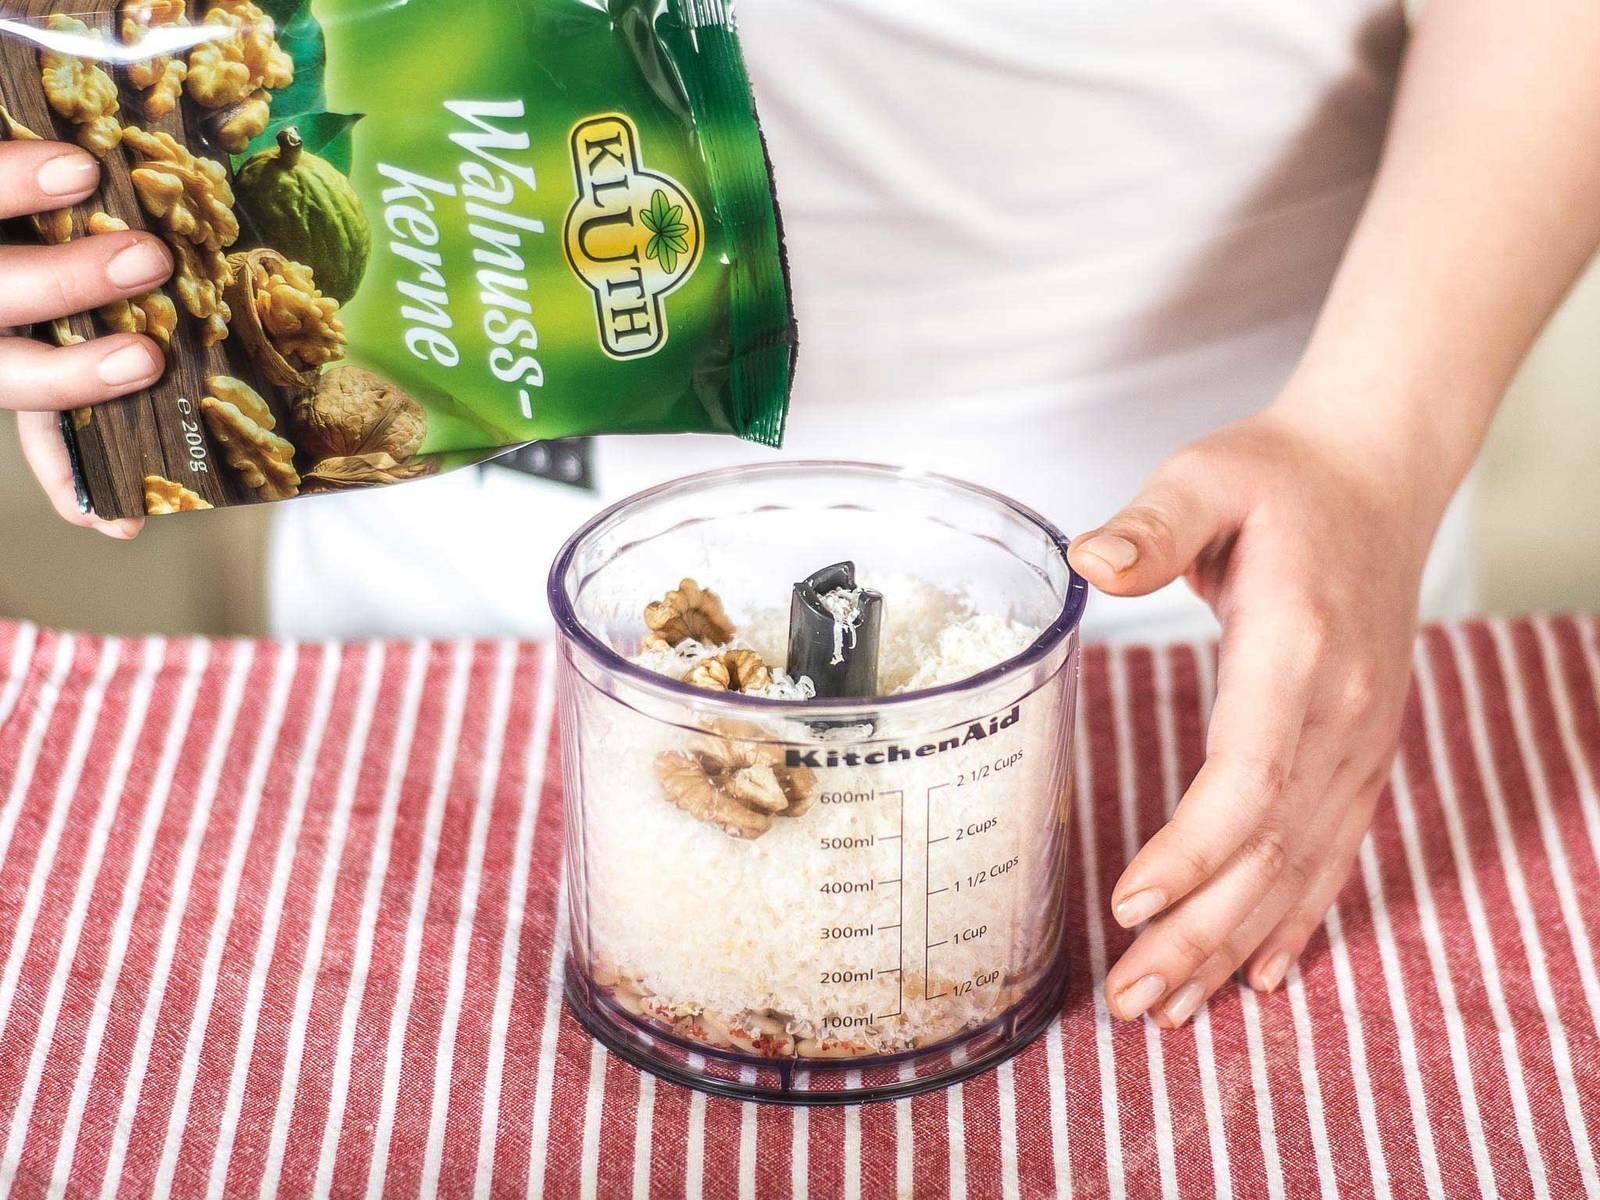 Für das Nusspesto Walnüsse, Pinienkerne, Parmesan, Knoblauch, Senf, Chilipulver, Salz und Pfeffer in einer Küchenmaschine zu einem groben Püree verarbeiten.